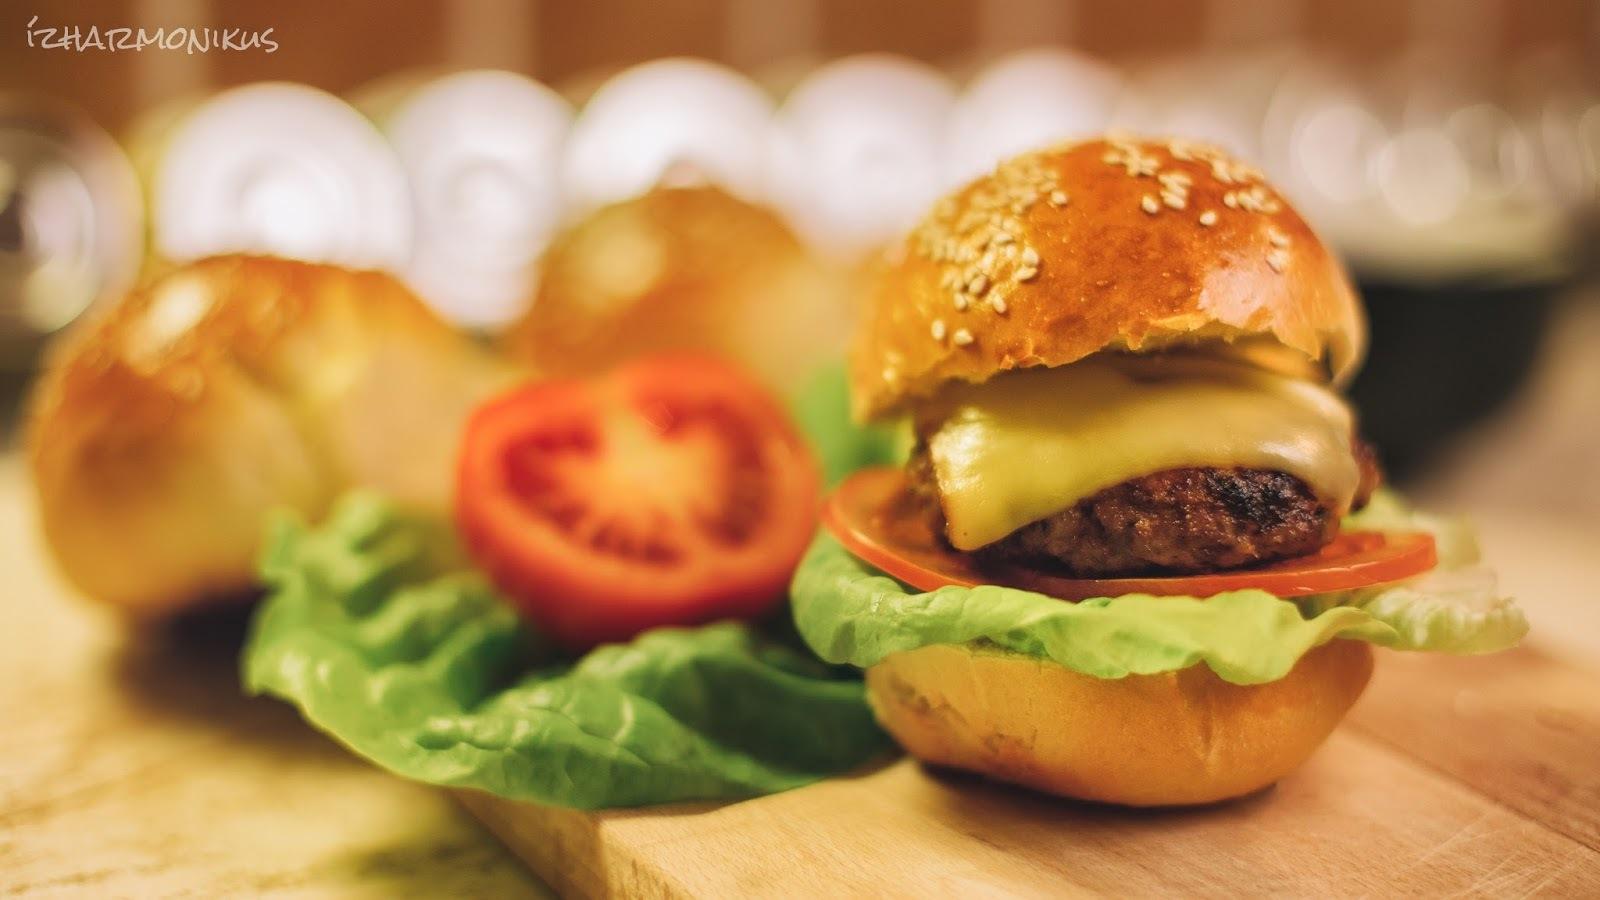 Hamburger – házi készítésű hamburgerzsemlével, húspogácsával, barbecue szósszal és hagymalekvárral